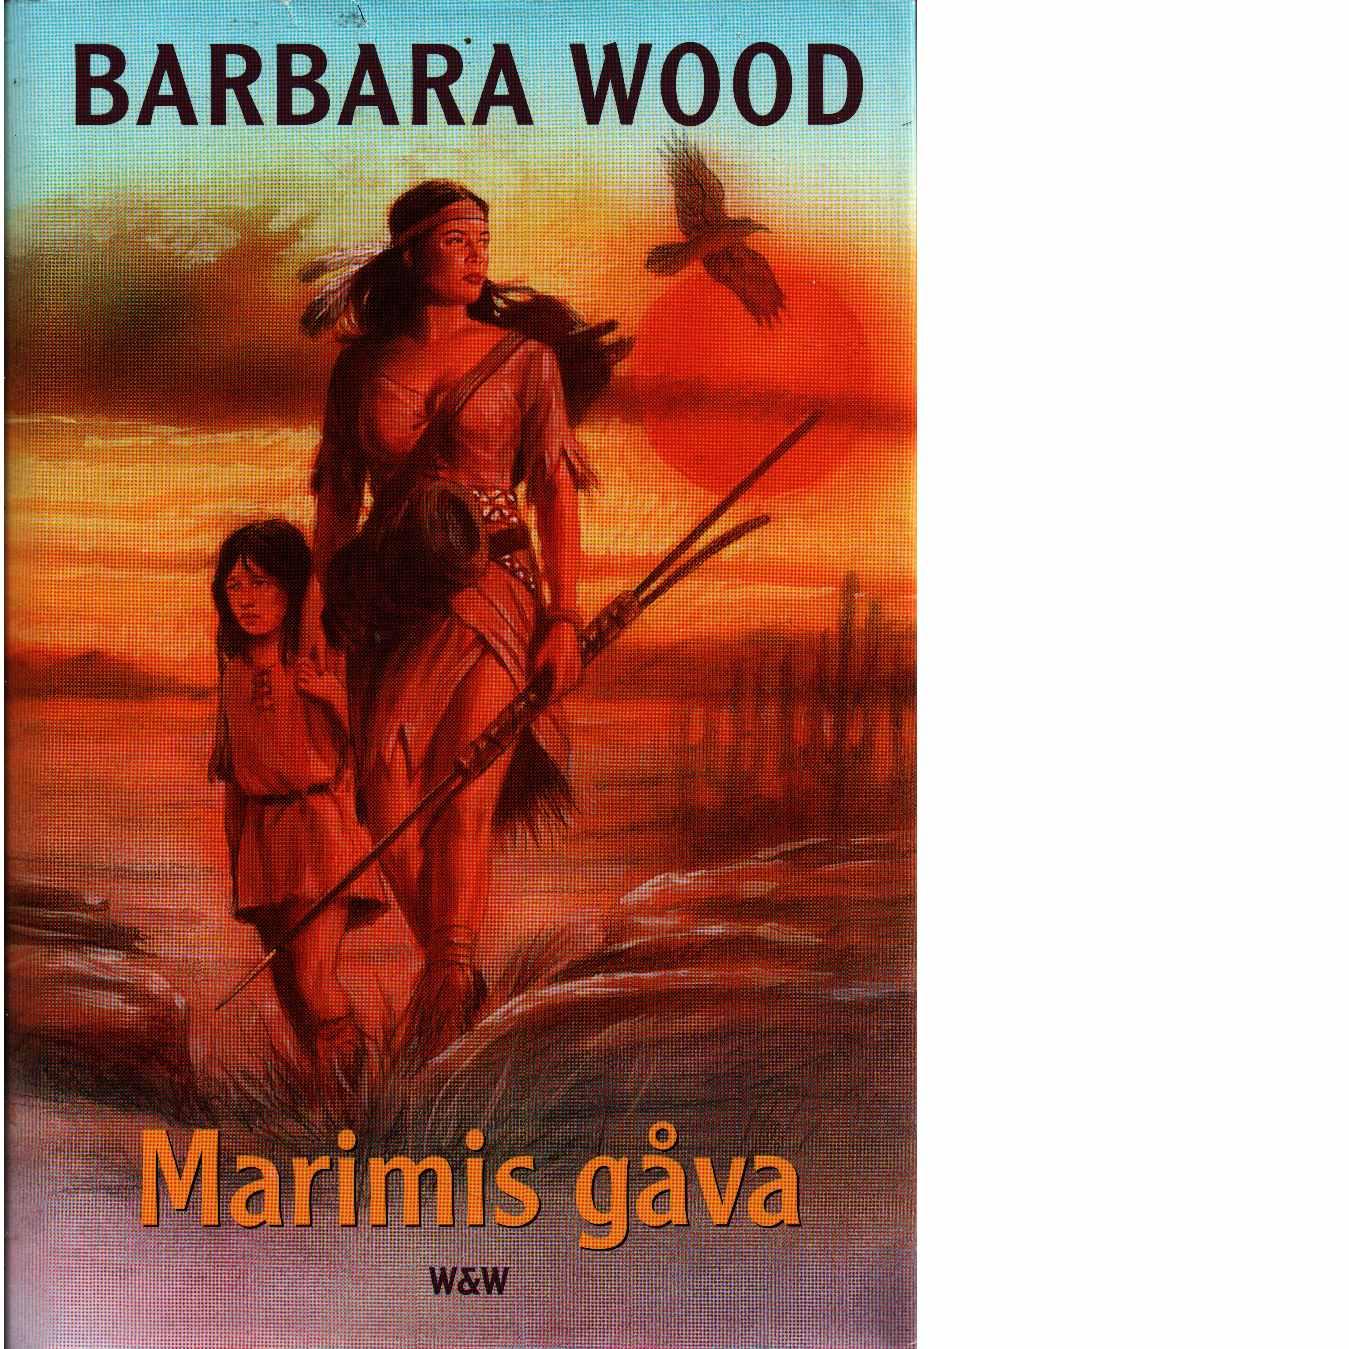 Marimis gåva - Wood, Barbara